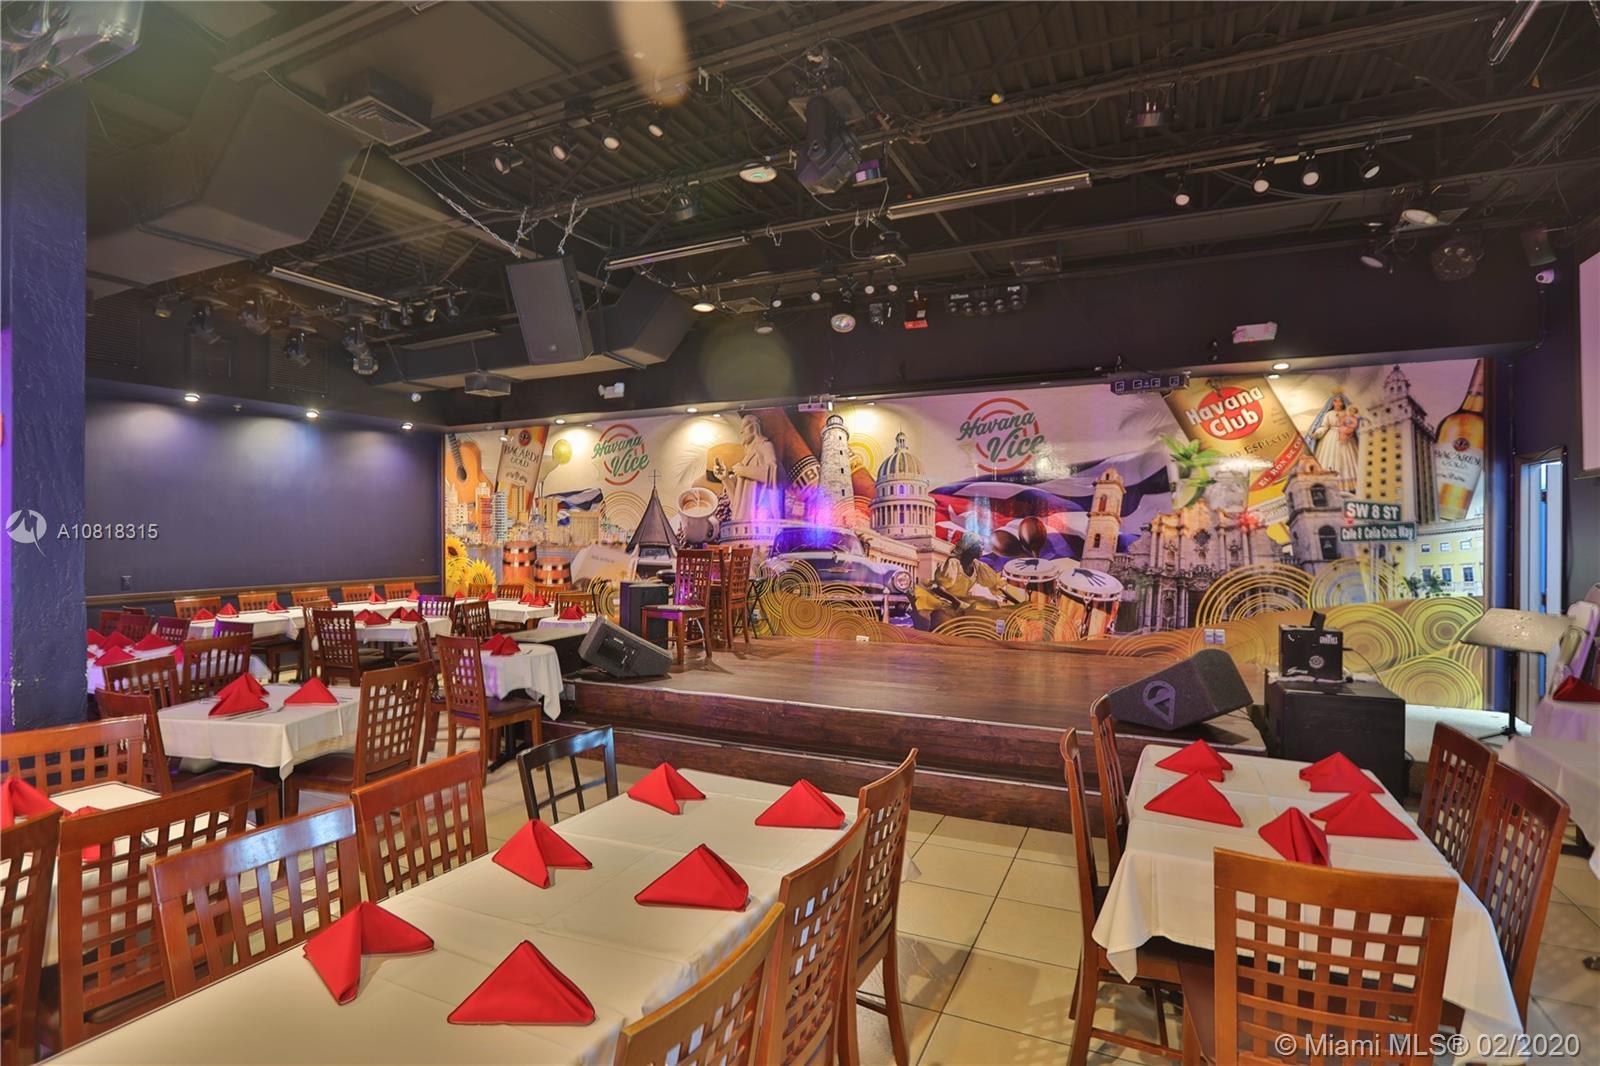 Restaurant / Cabaret Property Photo